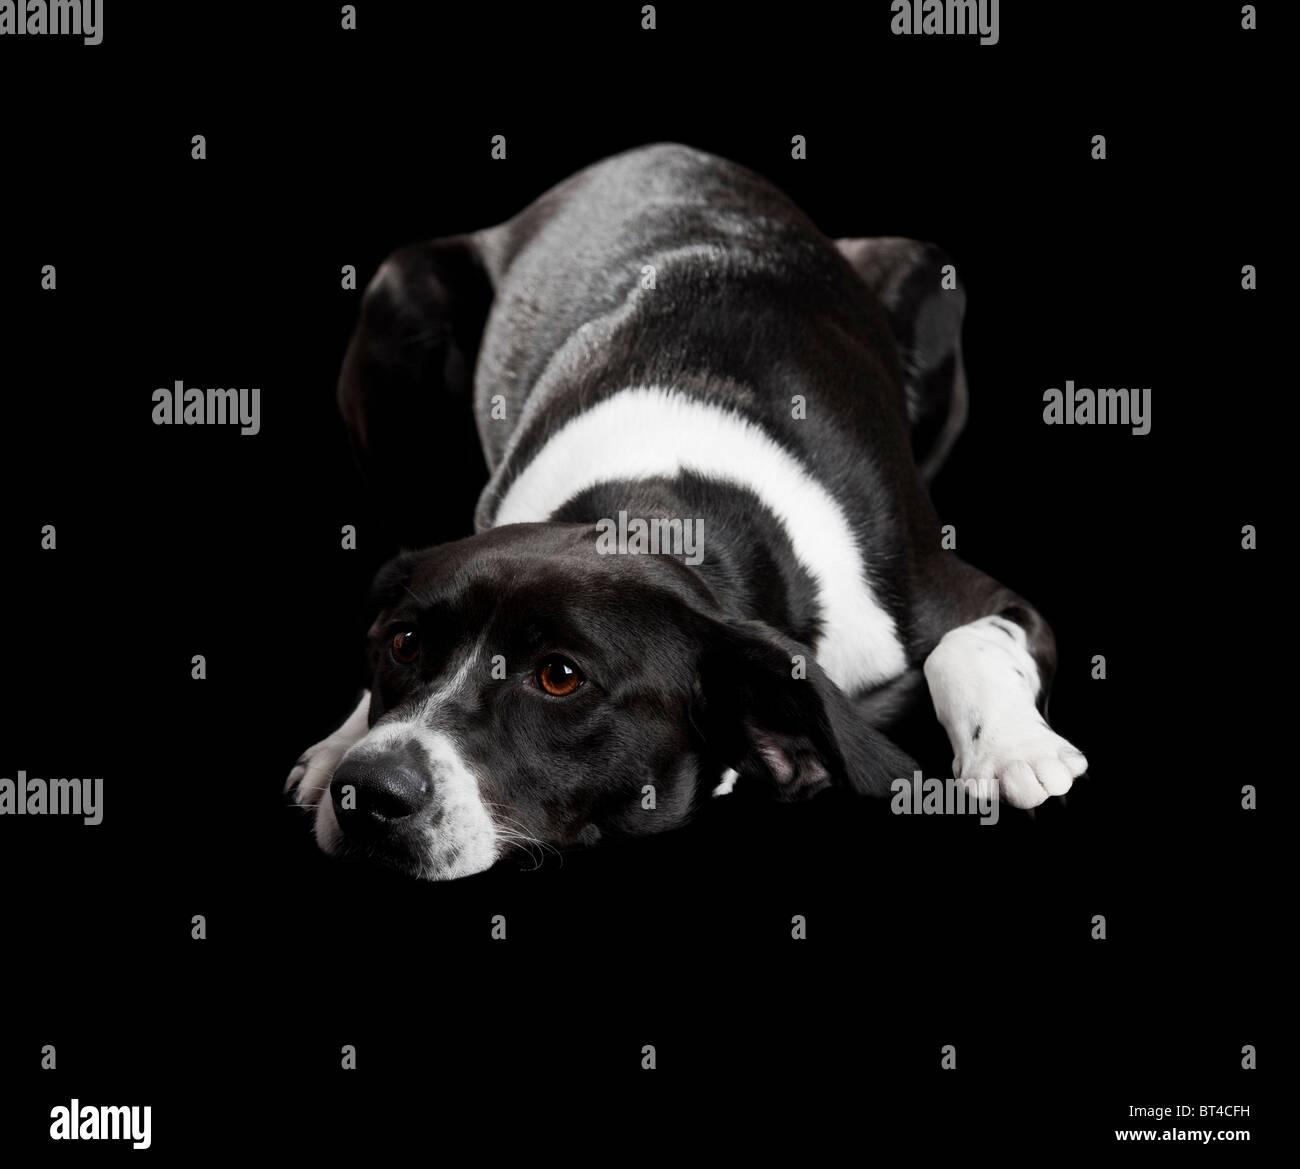 Beau chien couché sur le sol avec un regard triste, isolé sur fond noir Photo Stock